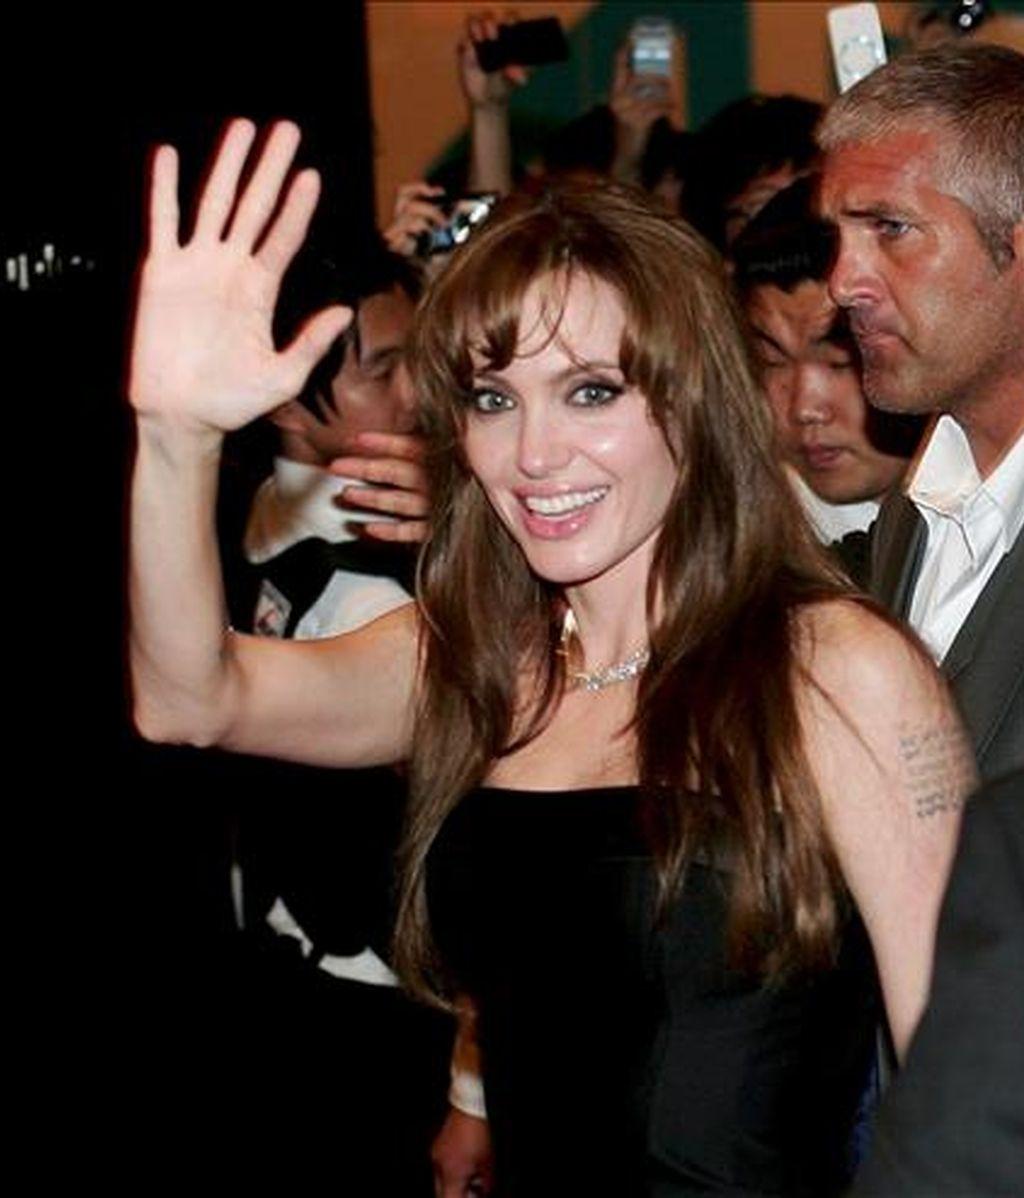 """La actriz estadounidense y miembro del reparto Angelina Jolie saluda al llegar al estreno de la película """"Salt"""", dirigida por Philllip Noyce, hoy, en el teatro Yeongdeungpo CGV de Seú, Corea del Sur. EFE"""